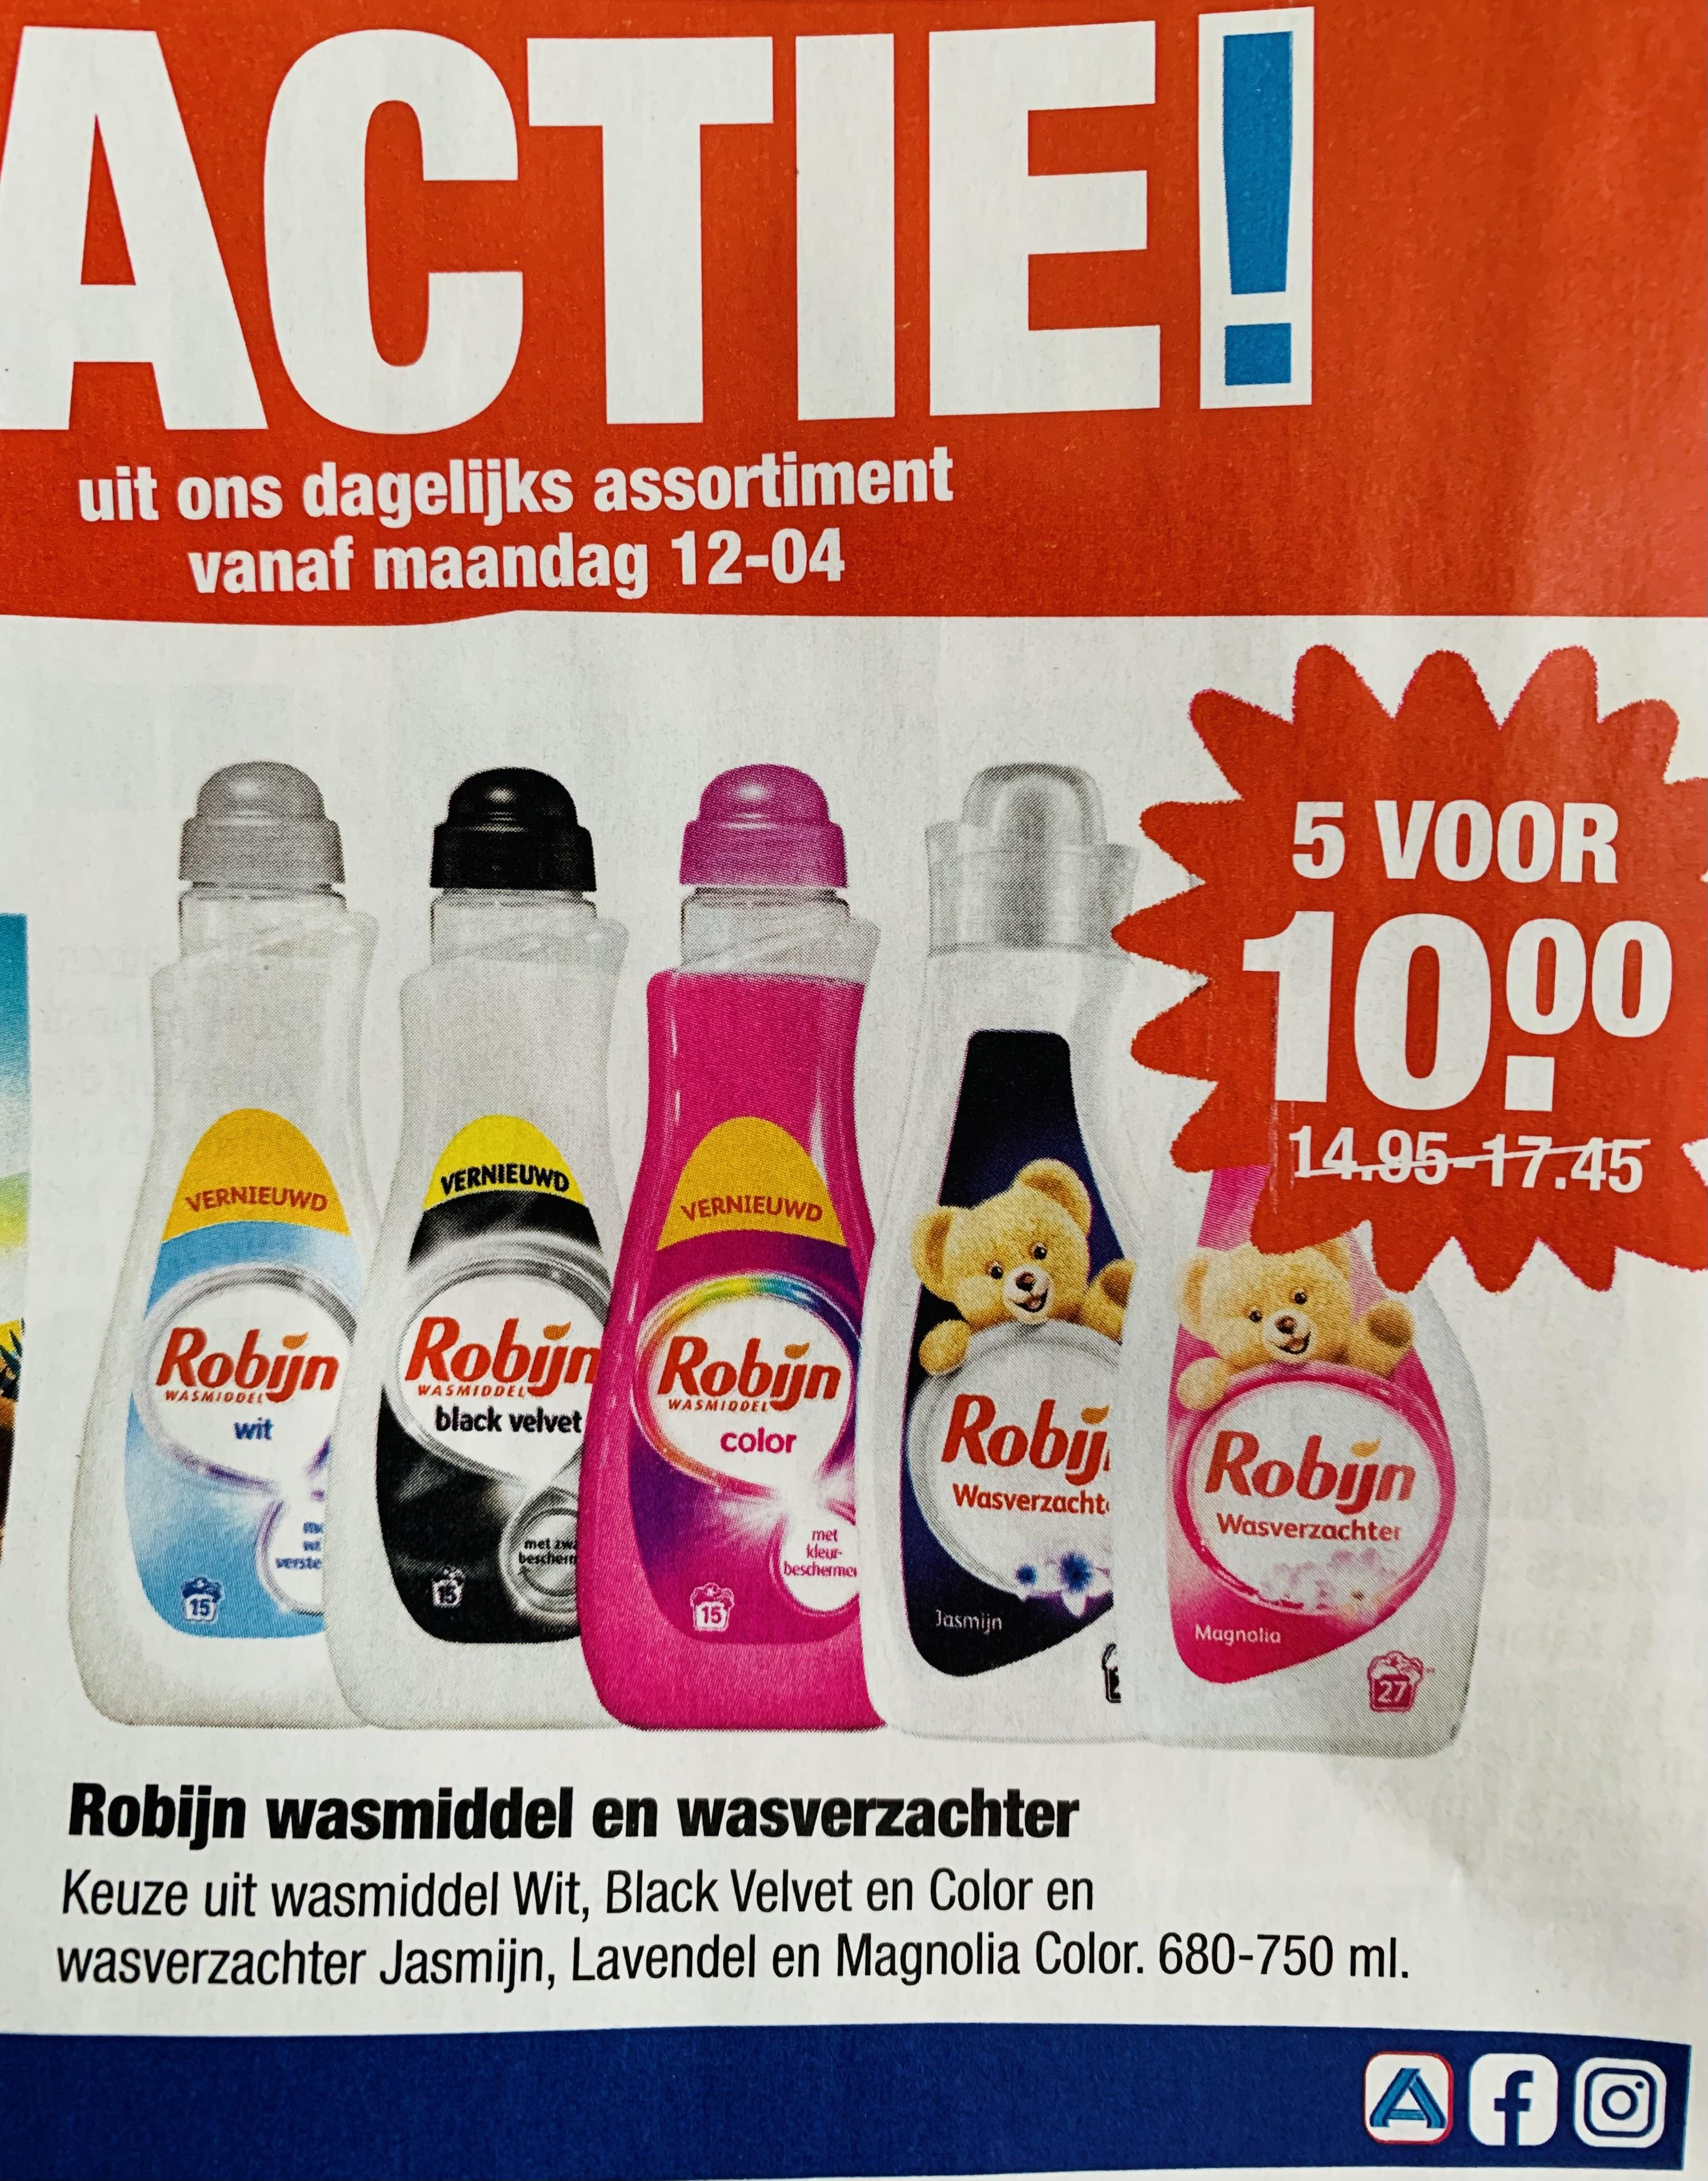 Robijn wasmiddel en wasverzachter • 5 voor €10 euro • Aldi